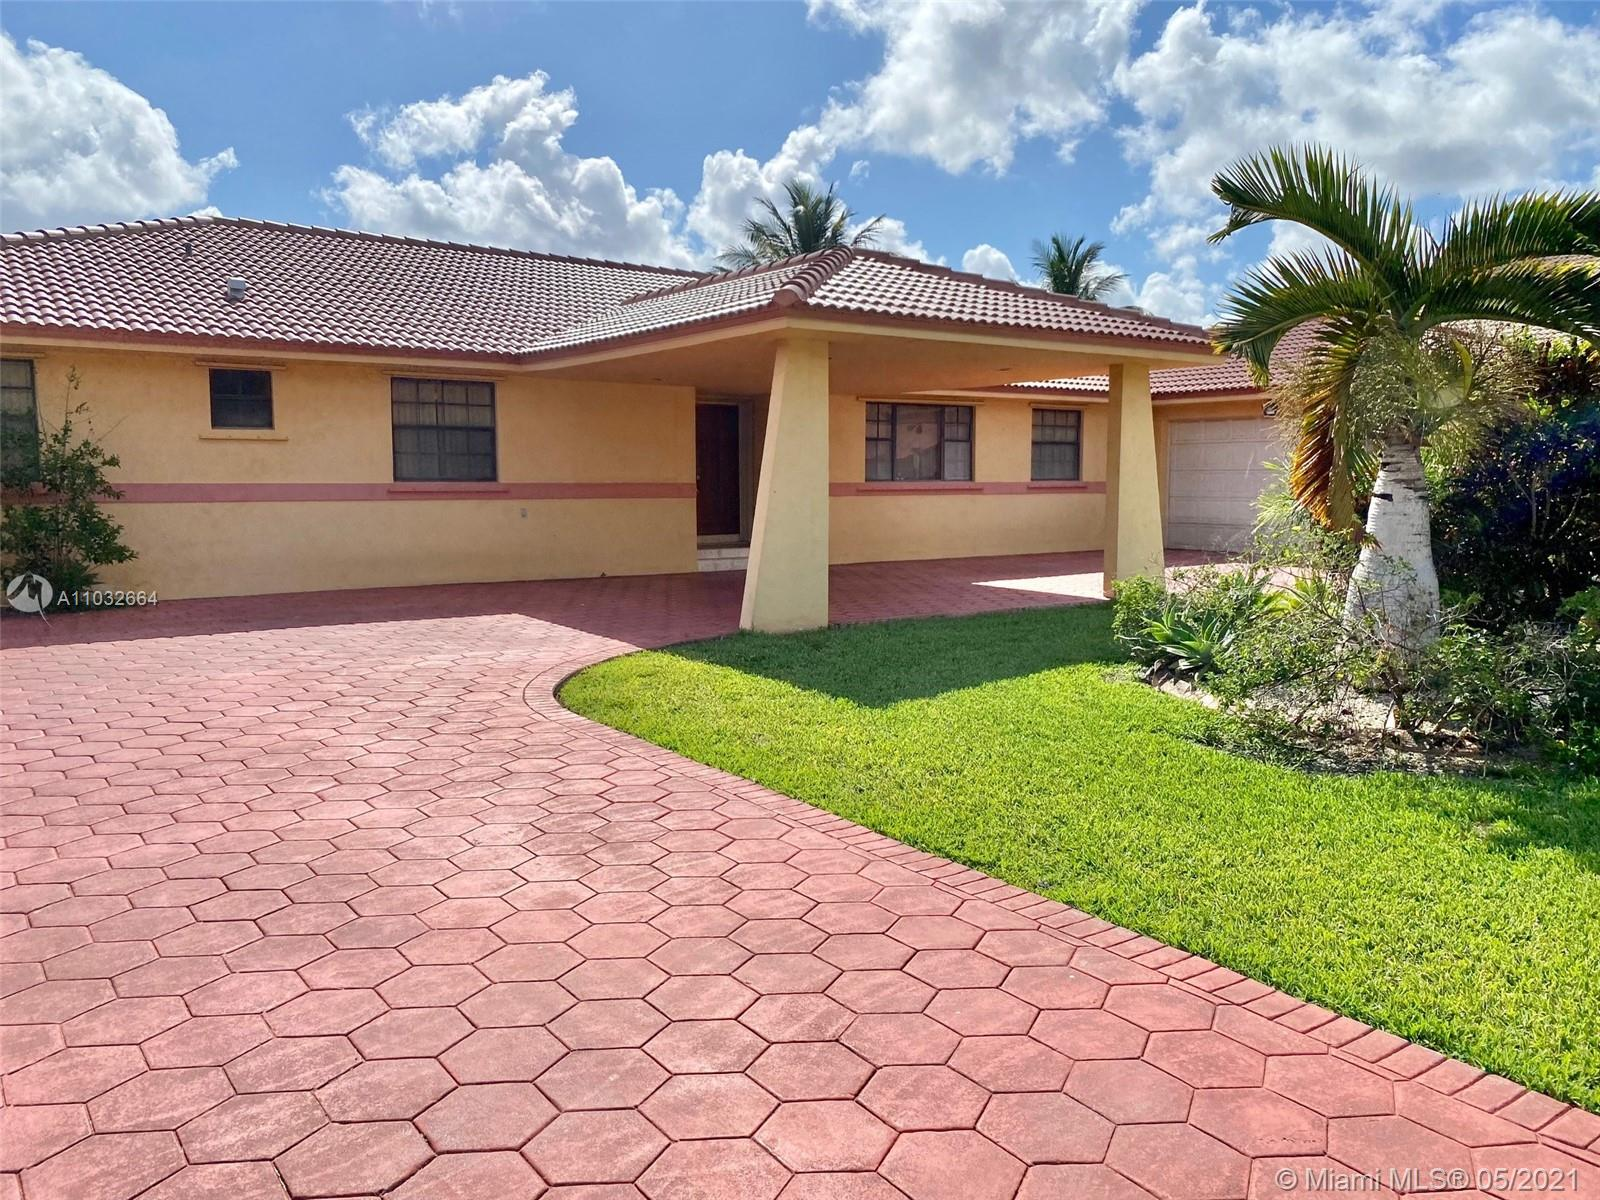 Country Club Of Miam - 18701 Wentworth Dr, Hialeah, FL 33015